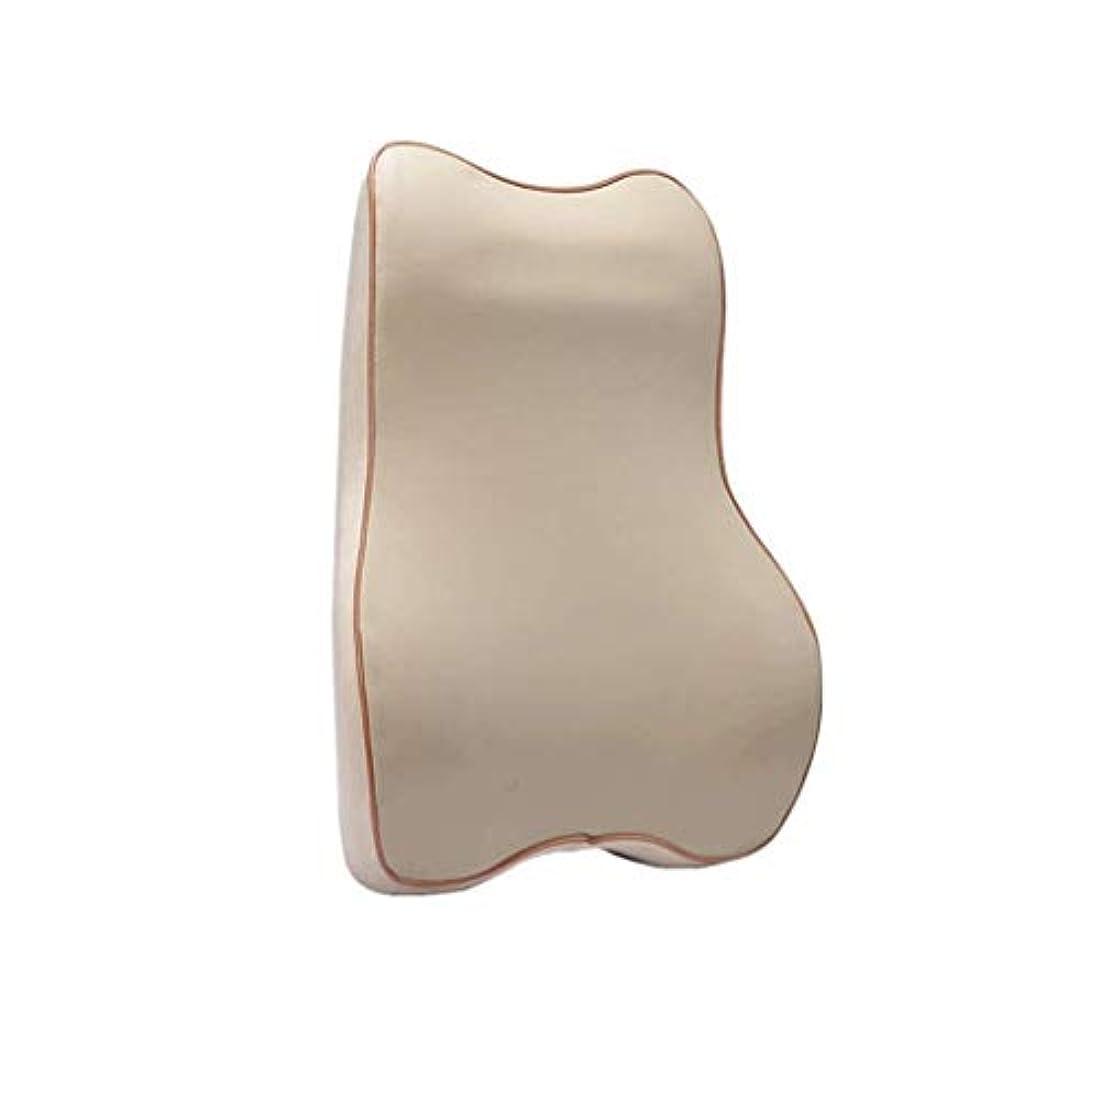 防ぐ芸術的ペデスタル腰椎枕 - 姿勢療法ウエストクッション - 低反発フォーム、人間工学に基づいたオフィスチェア車とトラベルバックサポート枕を使用して、上下の腰痛を緩和し、予防します (Color : Beige)